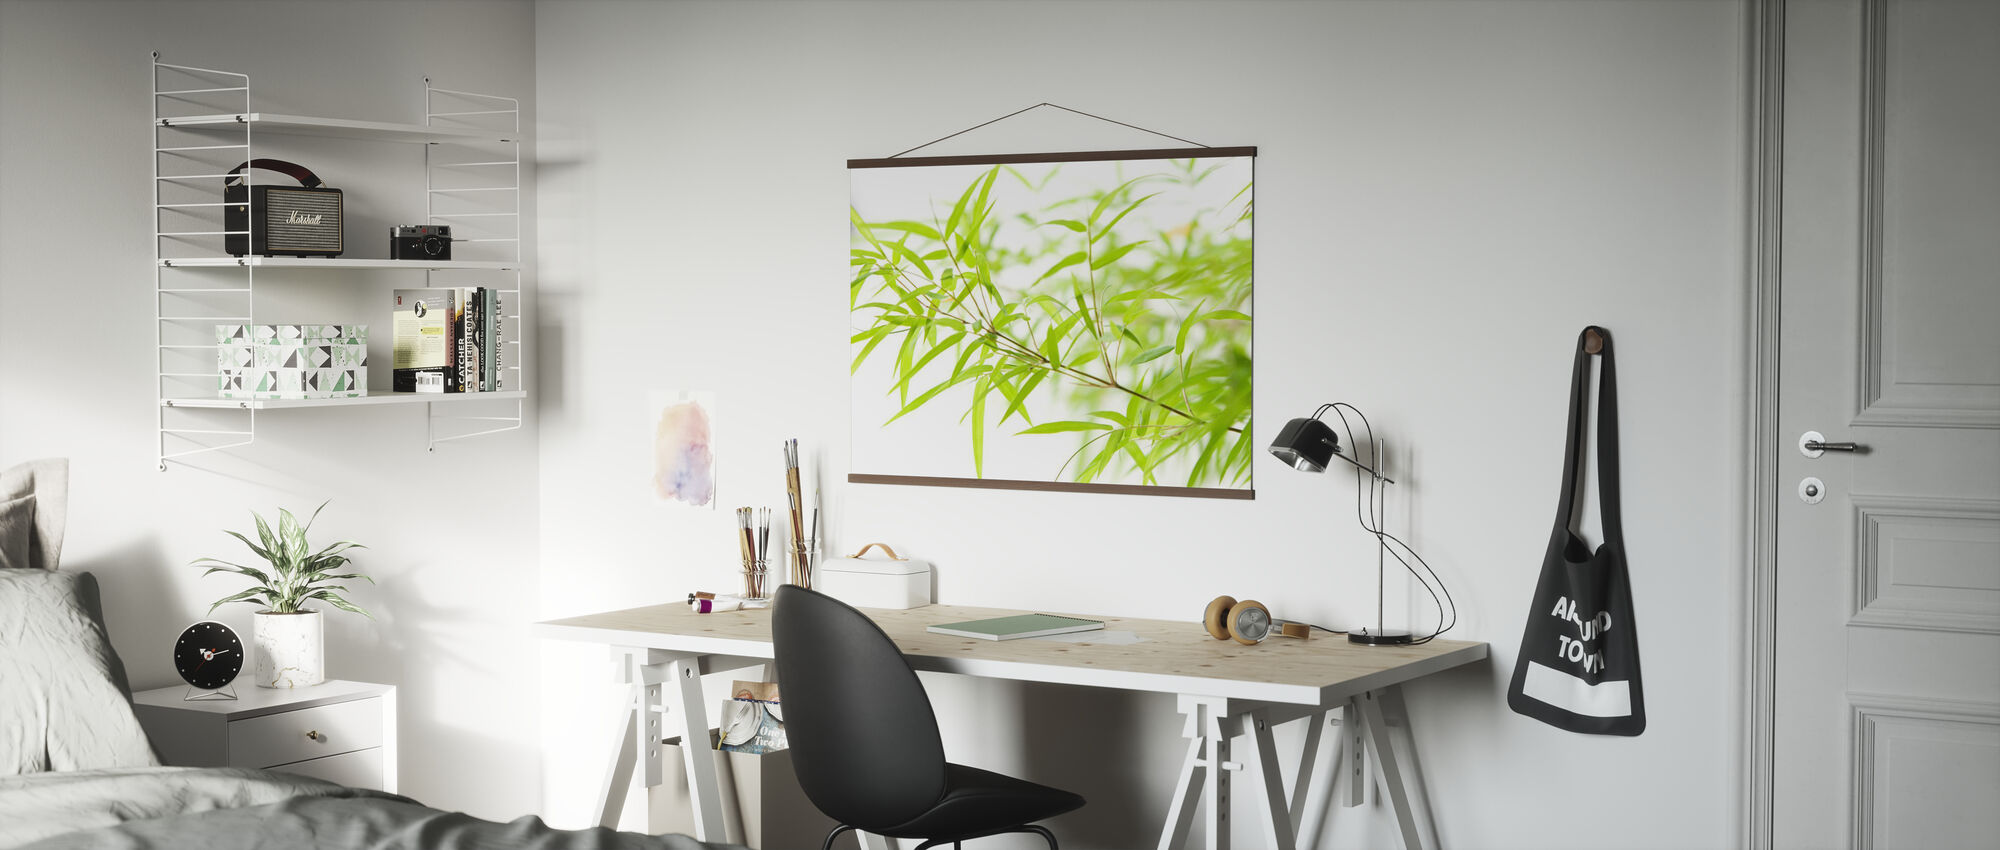 Miniatyr bambus - Plakat - Kontor